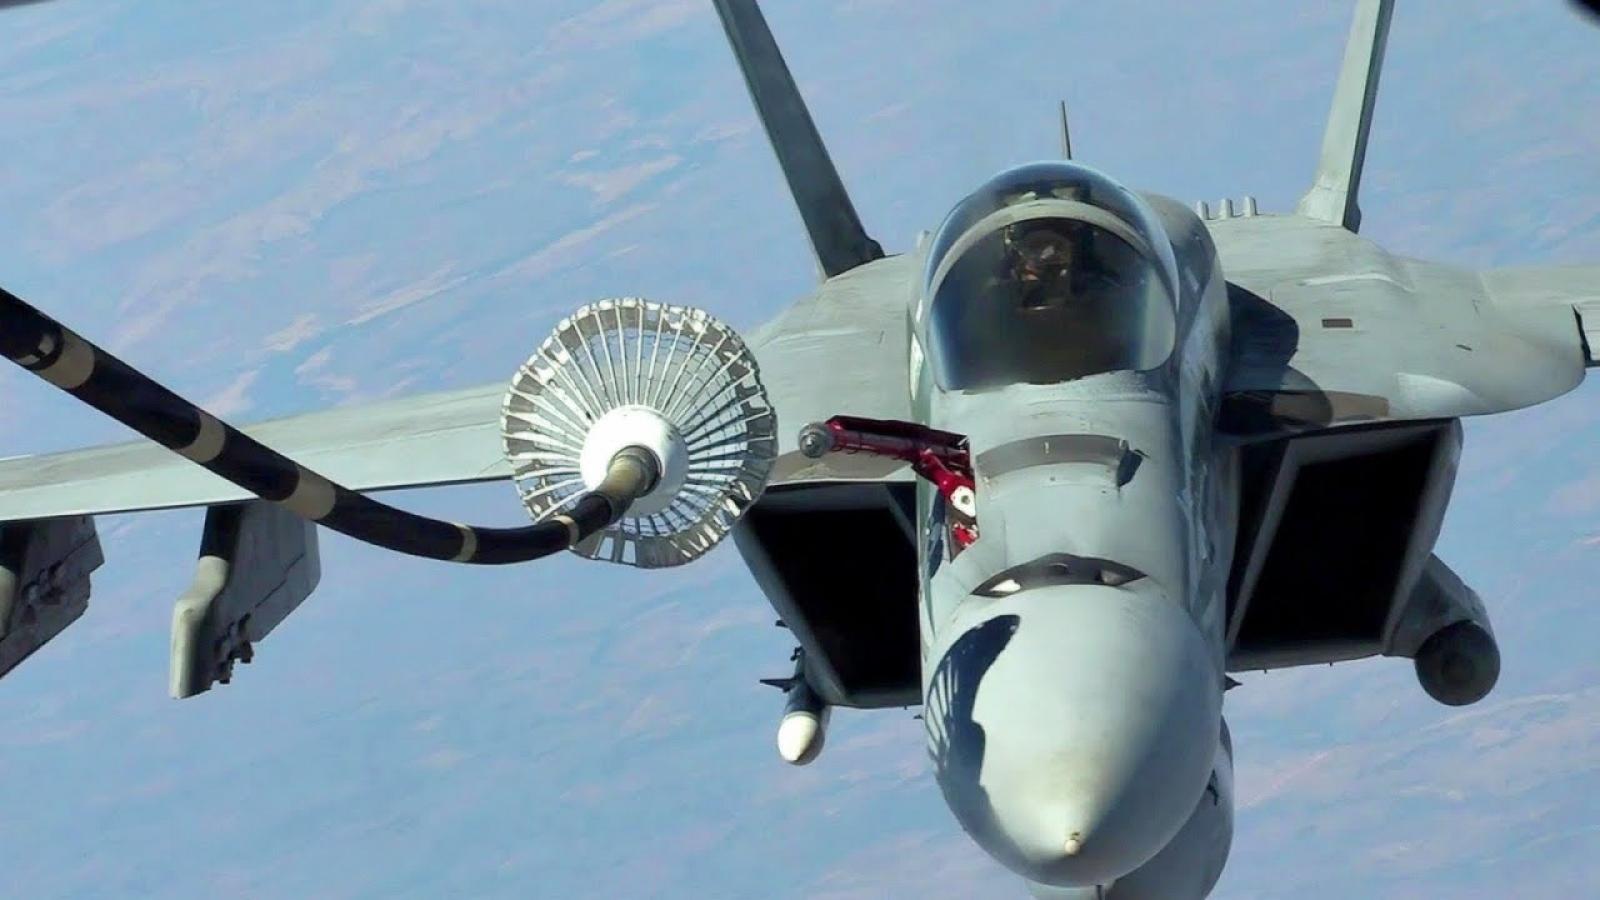 Cận cảnh quy trình tiếp nhiên liệu trên không cho tiêm kích F/A-18 Hornet